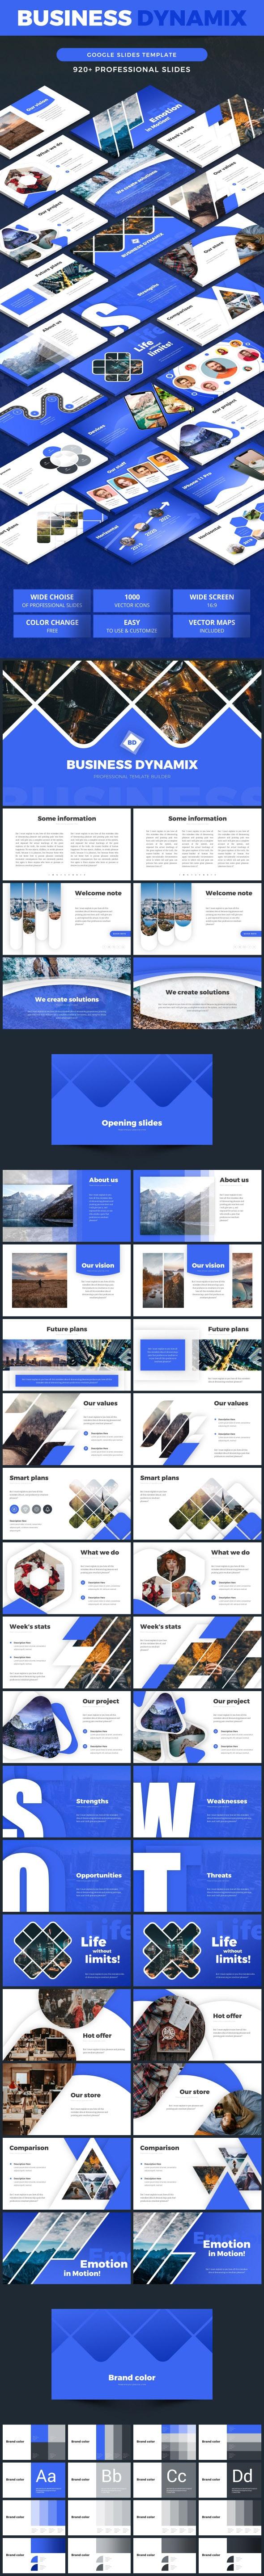 Google Slides Modern Proposal - Google Slides Presentation Templates